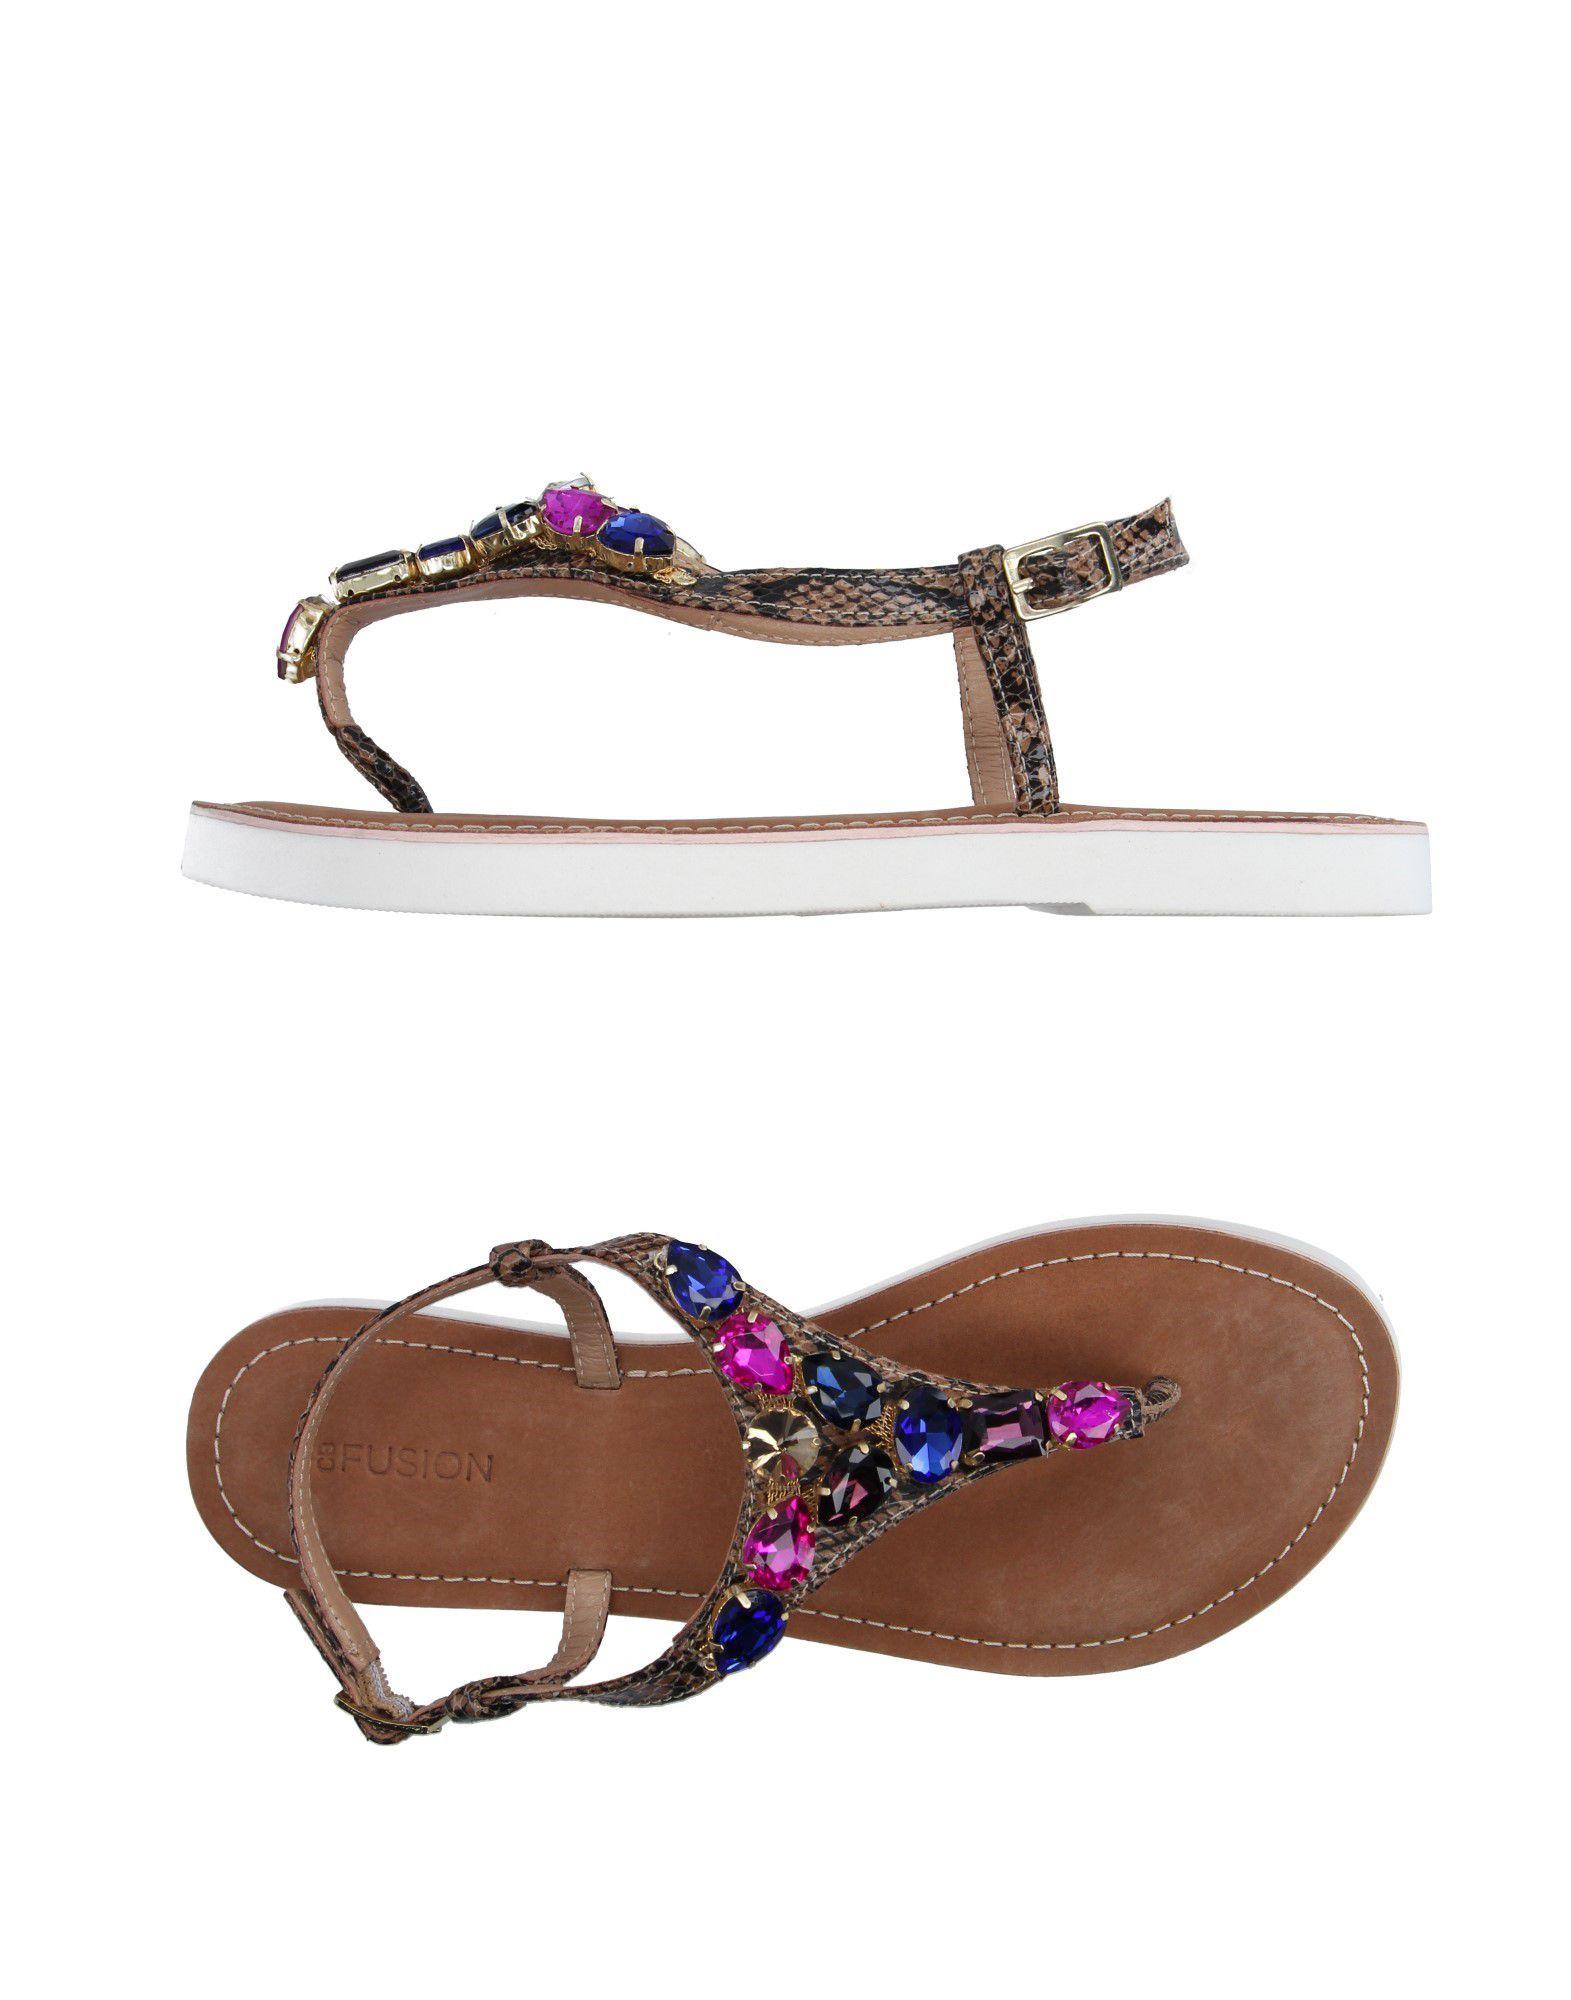 Cb Fusion Dianetten Damen   Damen 11143002NB Gute Qualität beliebte Schuhe f2733d